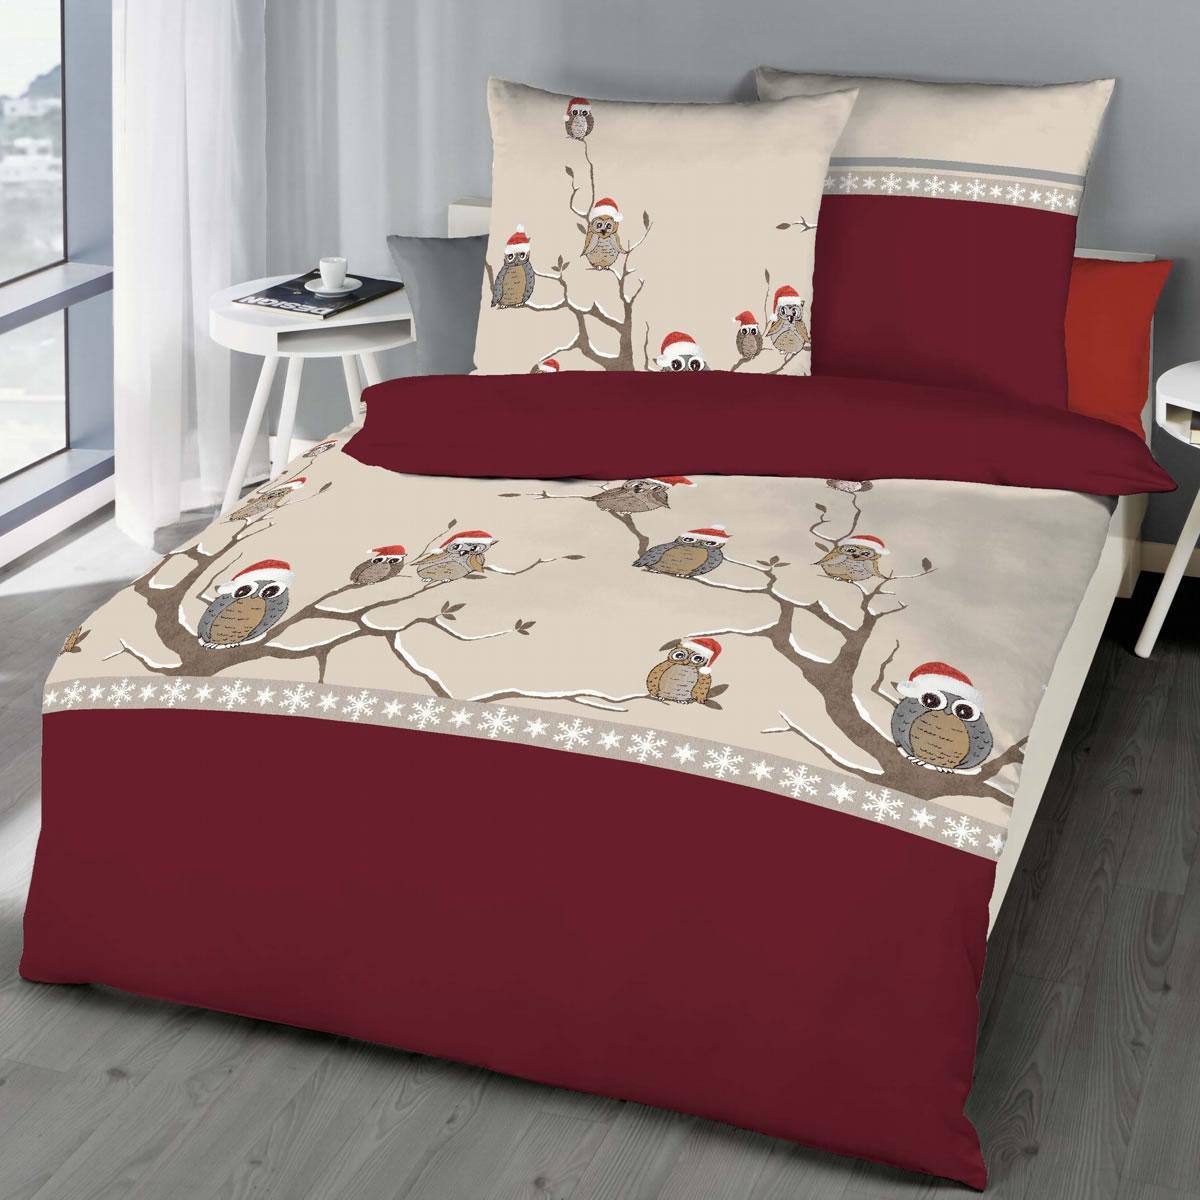 Kaeppel Biber Bettwäsche 135x200 Cm Design 6262 Wintereule Rot Weiß